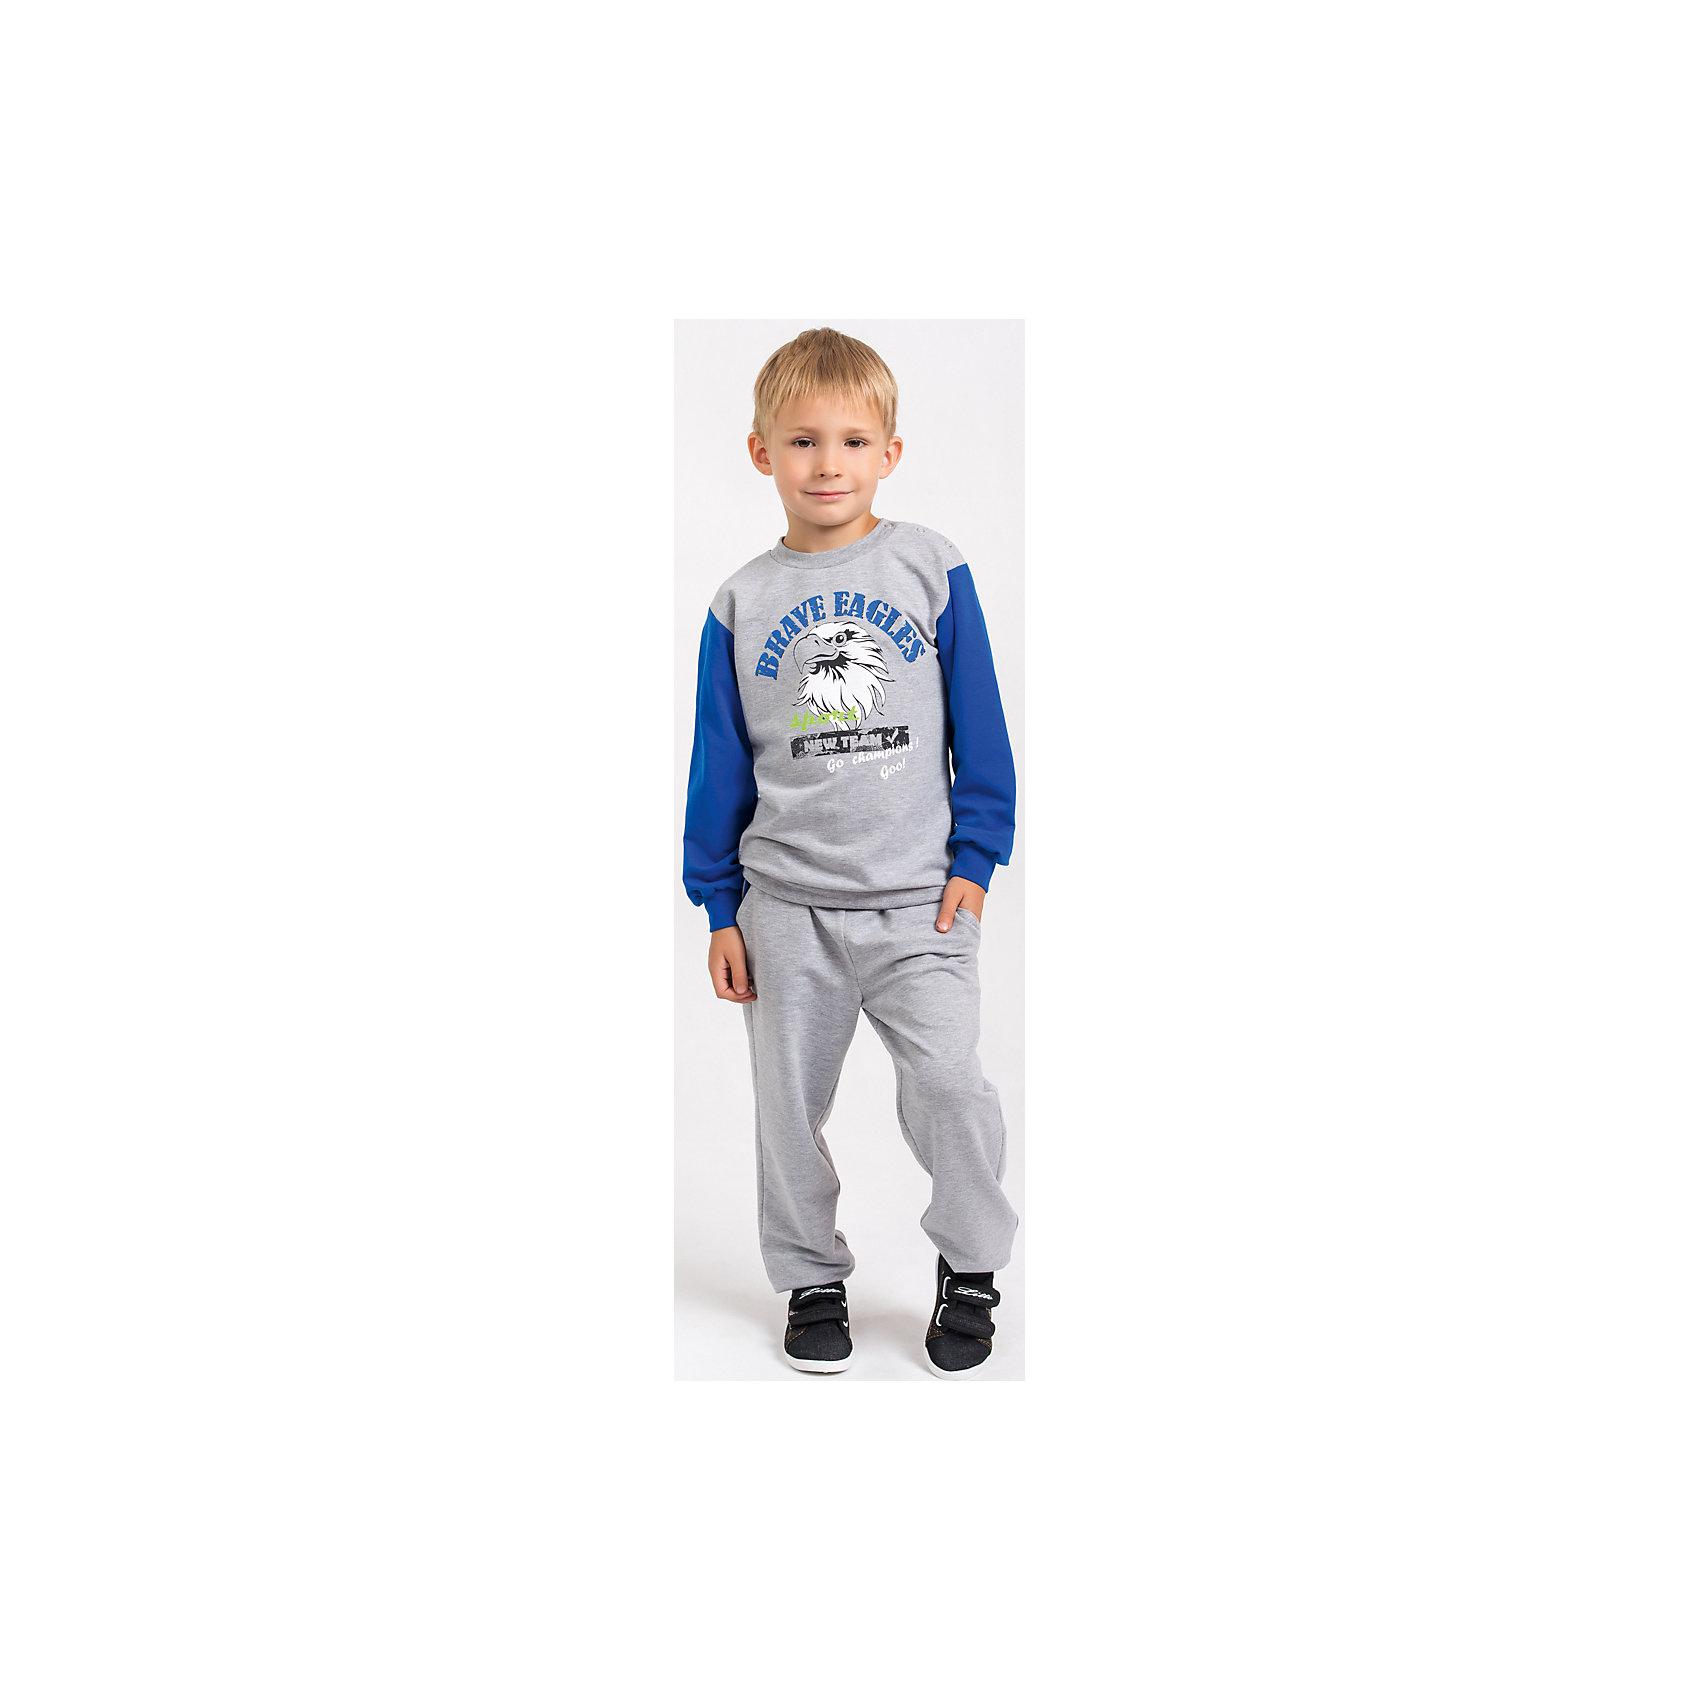 Спортивный костюм для мальчика GoldyКомплекты<br>Спортивный костюм для мальчика от белорусской марки Goldy. Костюм состоит из толстовки и брюк с манжетами.<br>Состав:<br>футер компакт пенье (70% хлопок, 26% ПЭ, 4% лайкра)<br><br>Ширина мм: 247<br>Глубина мм: 16<br>Высота мм: 140<br>Вес г: 225<br>Цвет: серо-синий<br>Возраст от месяцев: 24<br>Возраст до месяцев: 36<br>Пол: Мужской<br>Возраст: Детский<br>Размер: 98,104,110,116,122,92<br>SKU: 4921153